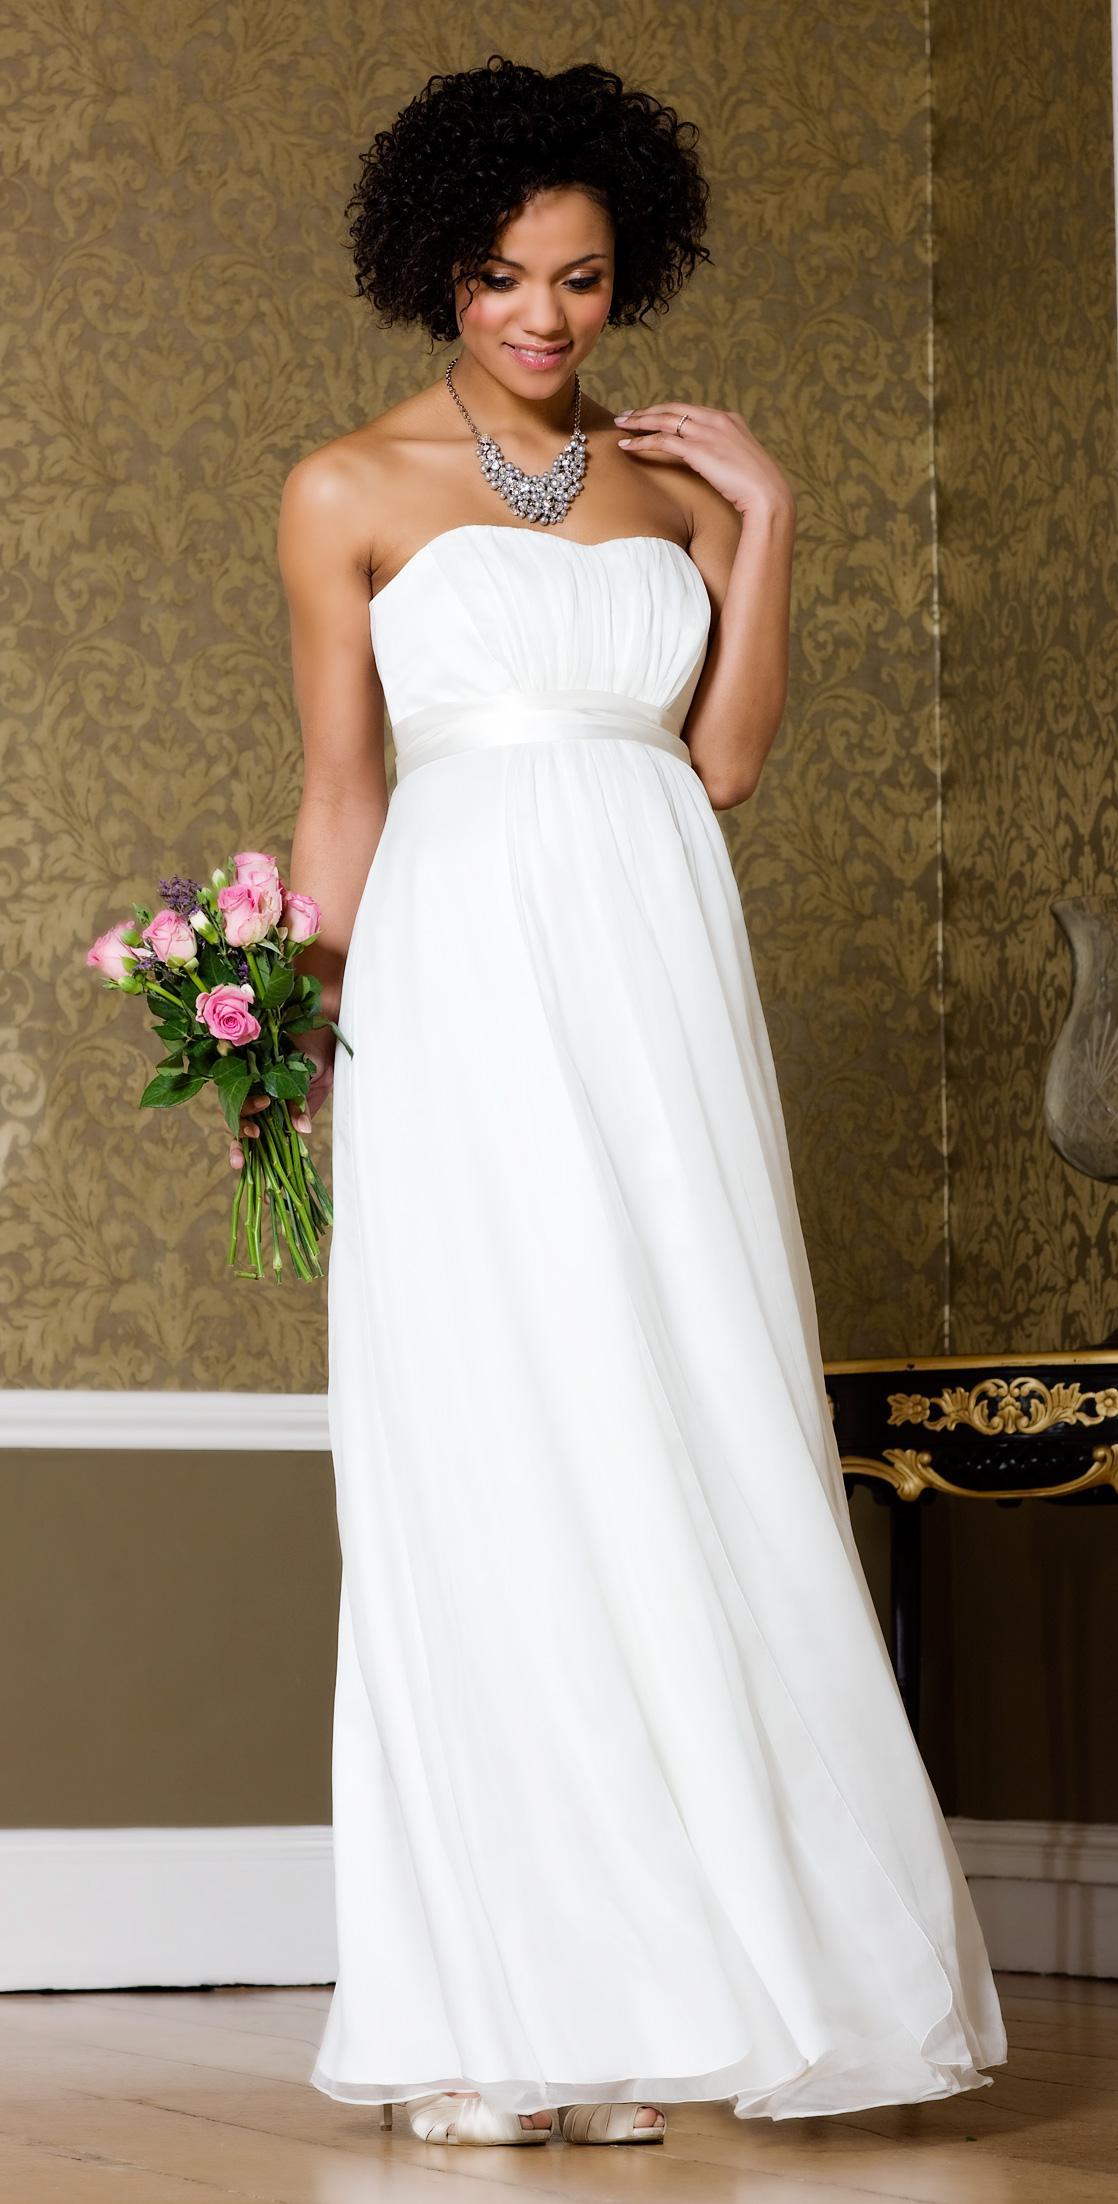 271096f707 Suknie ślubne dla kobiet w ciąży. biała suknia ślubna Tiffany Rose odcinana  pod biustem